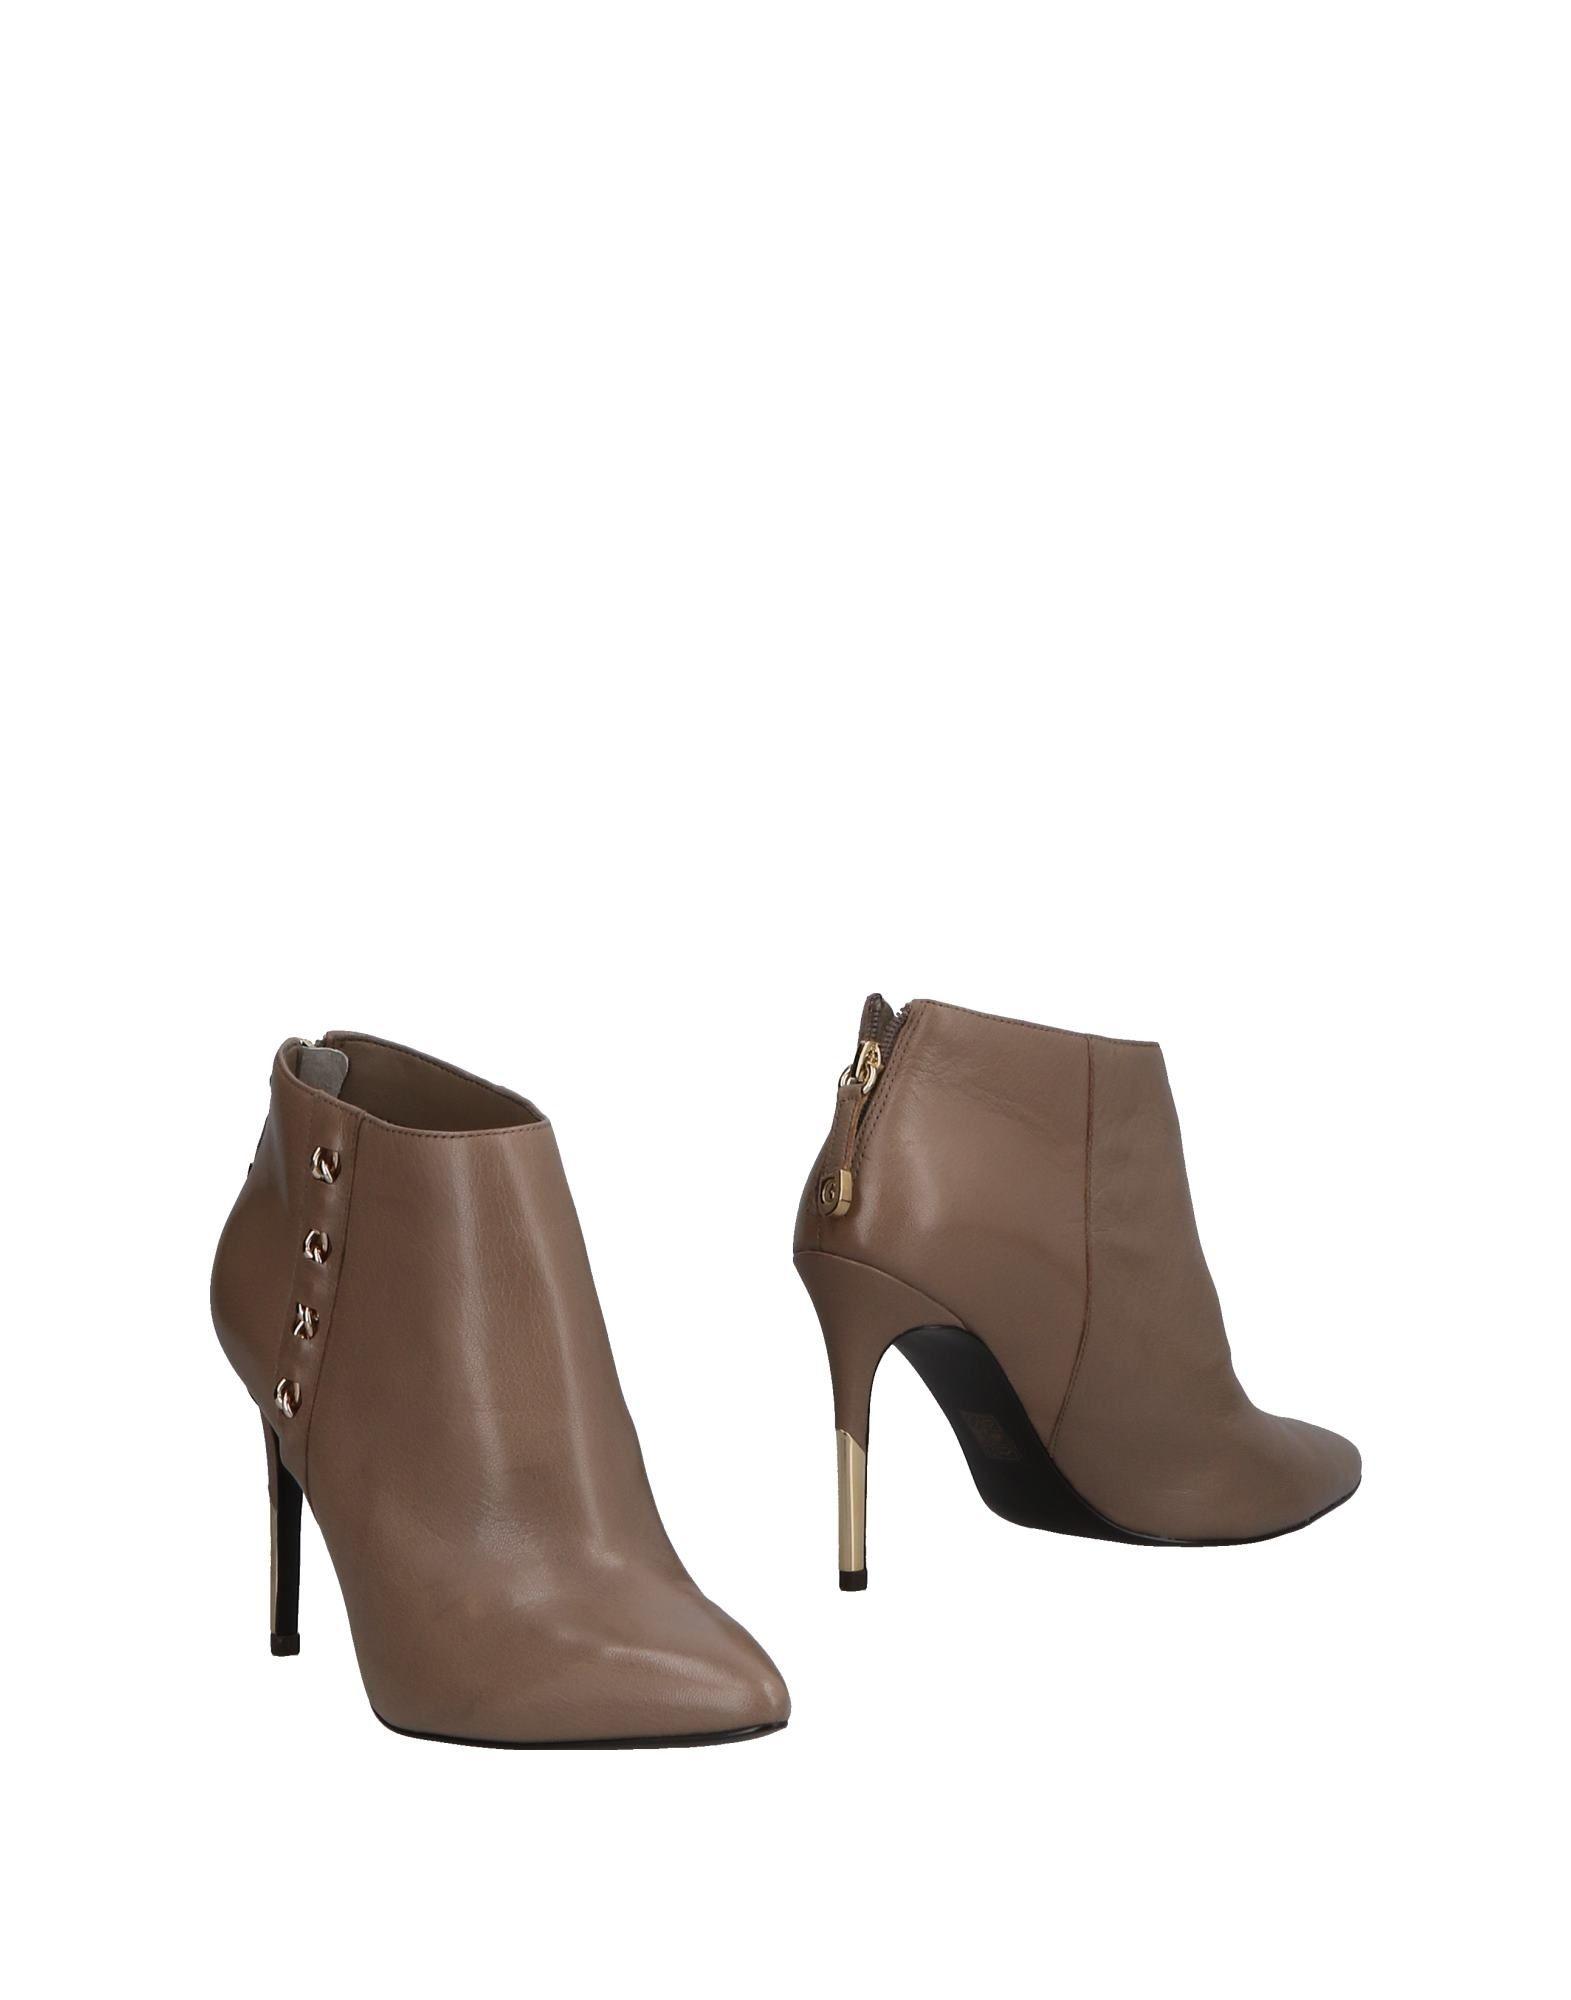 Guess Stiefelette Damen  11165766OE Gute Qualität beliebte Schuhe